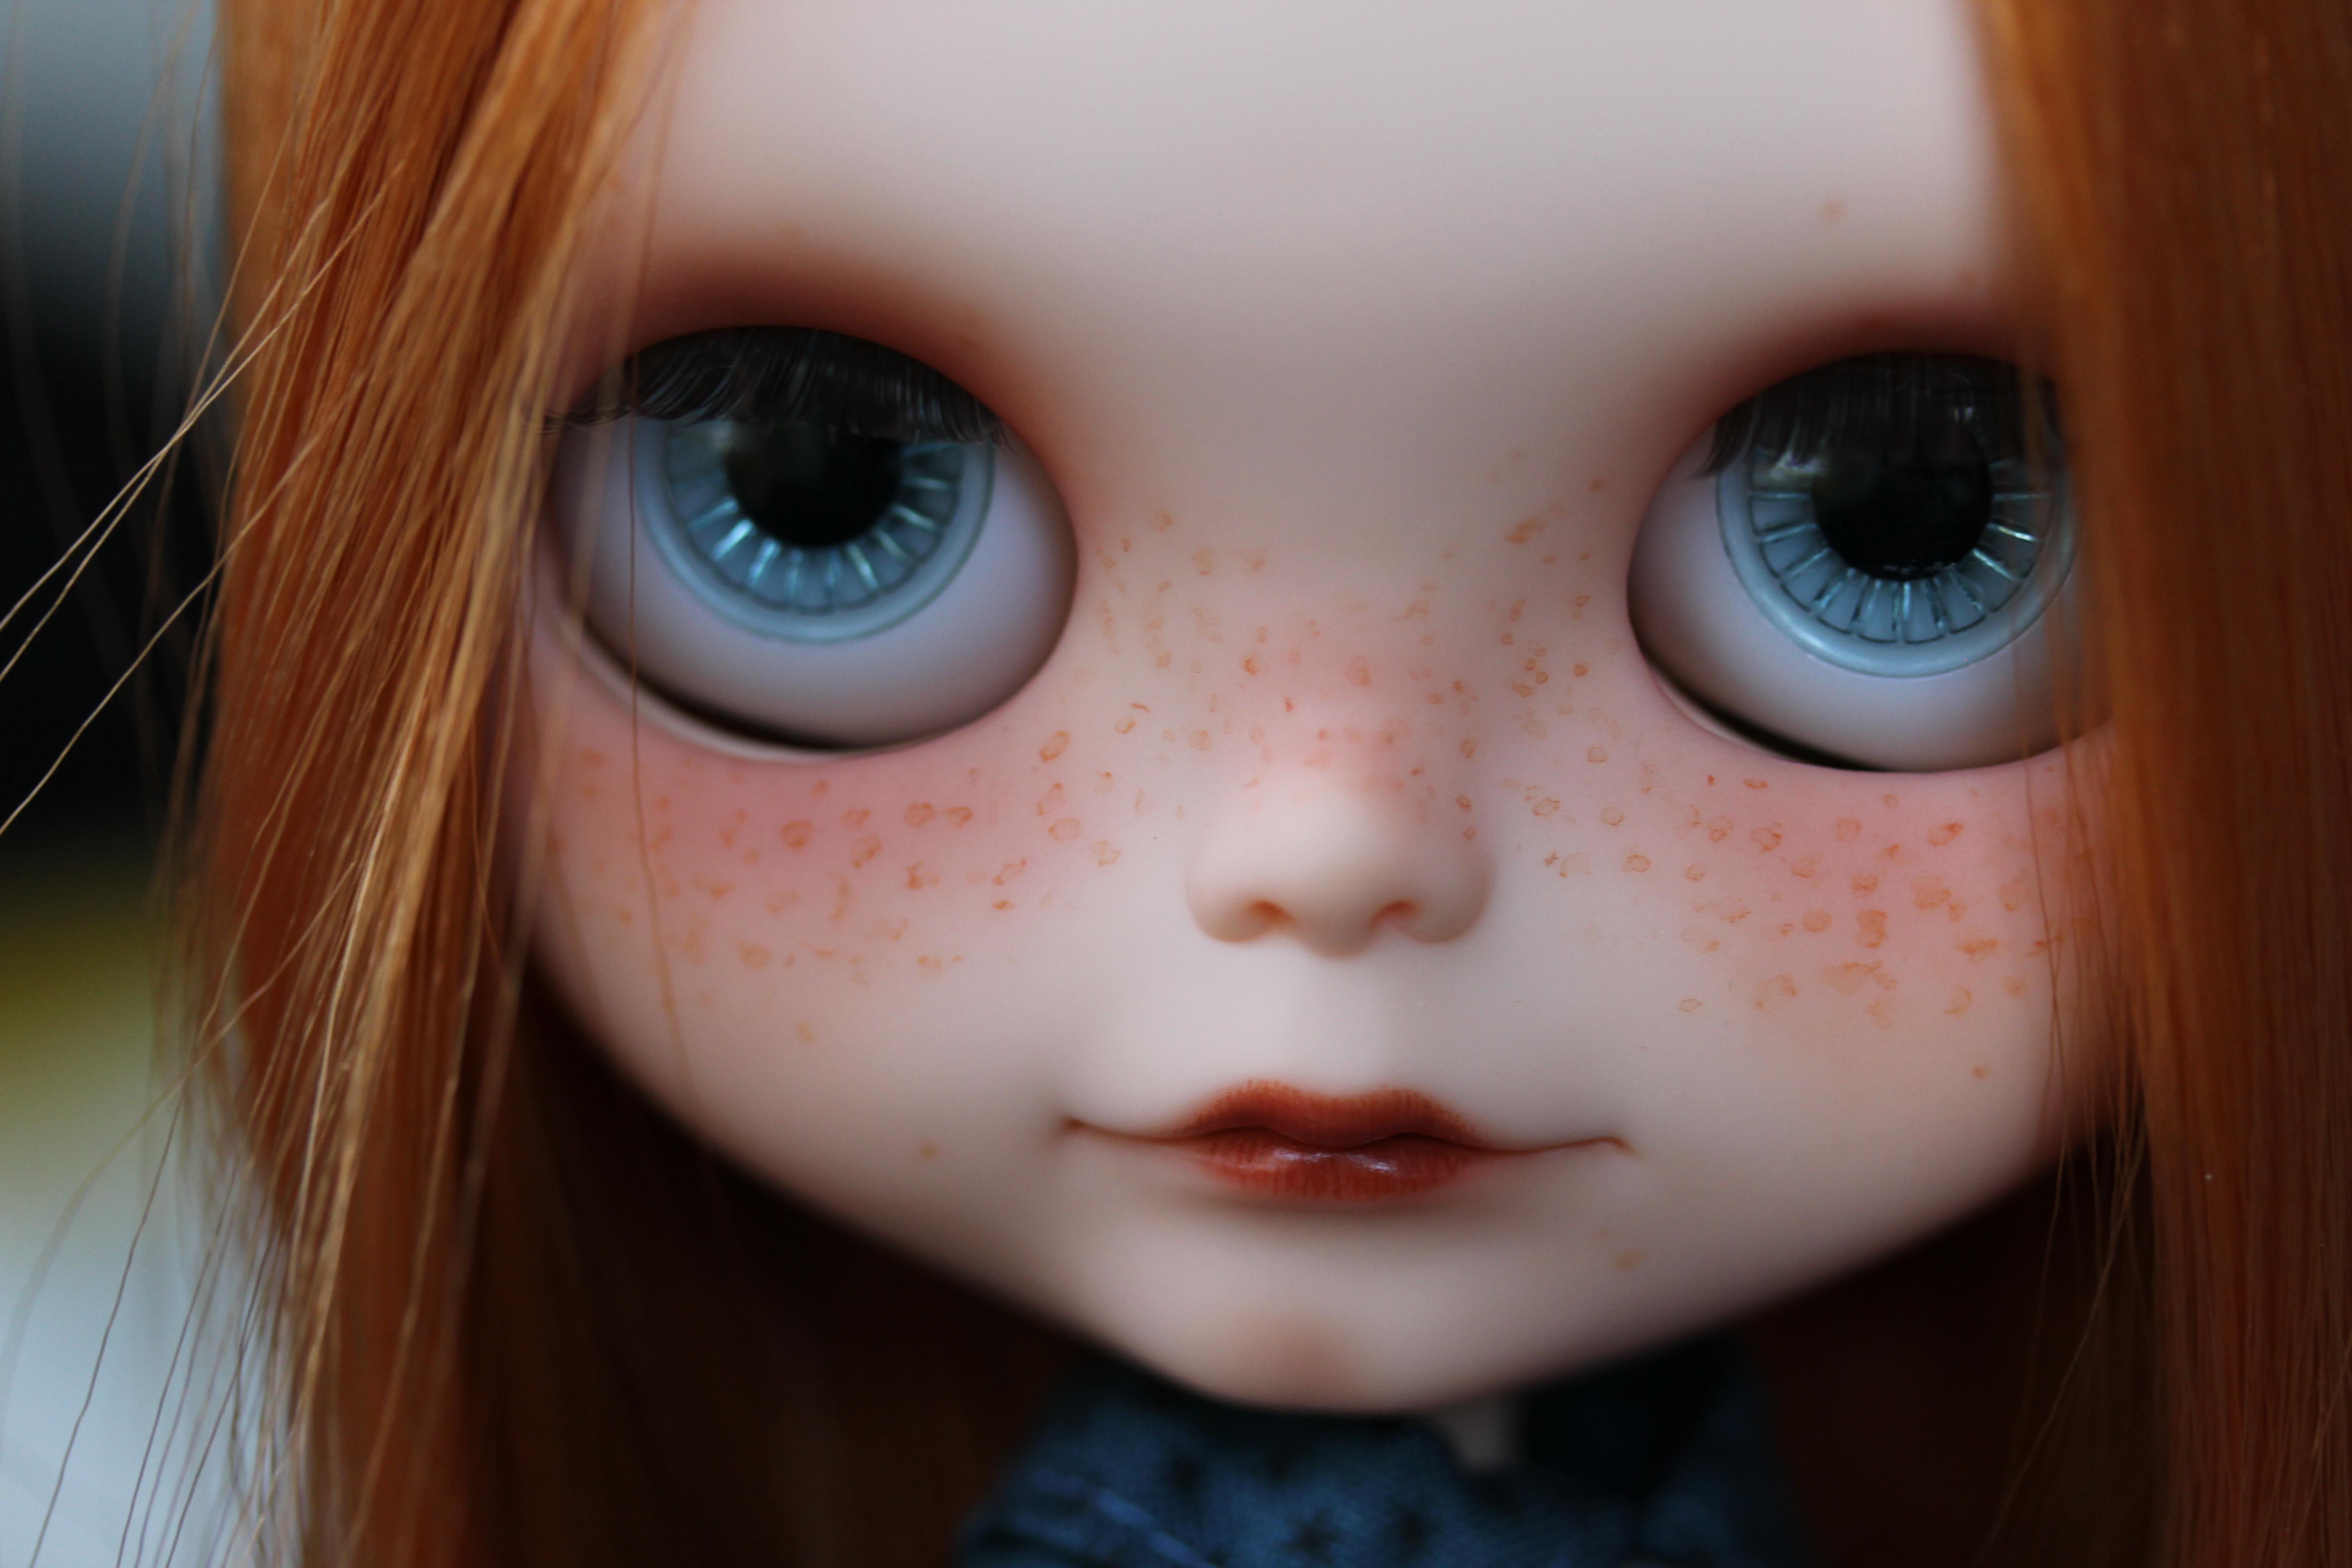 это картинки только глаза кукол стрижка